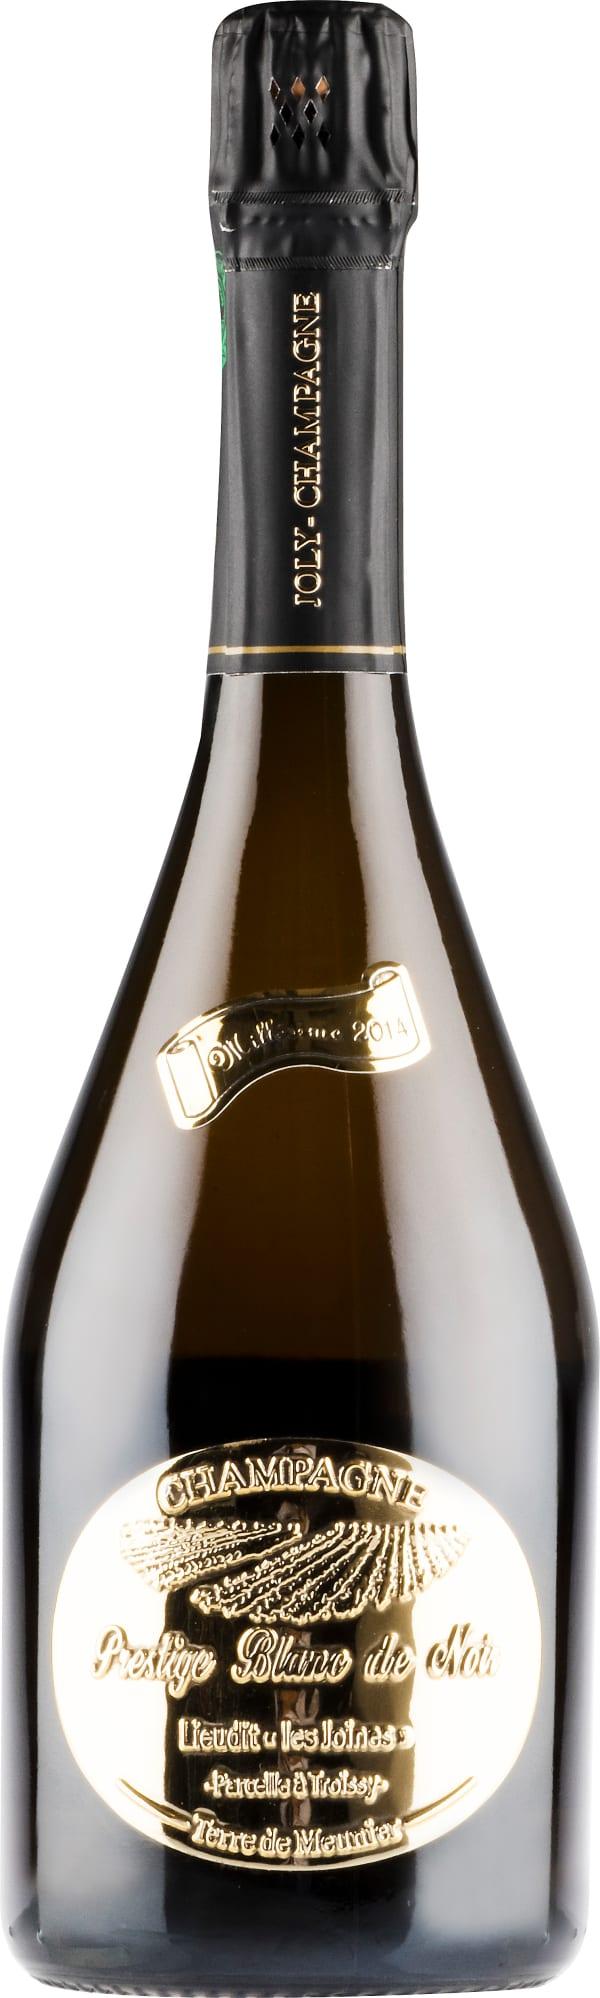 Joly Prestige Blanc de Noir Millésime Lieudit les Joines Champagne Brut 2014